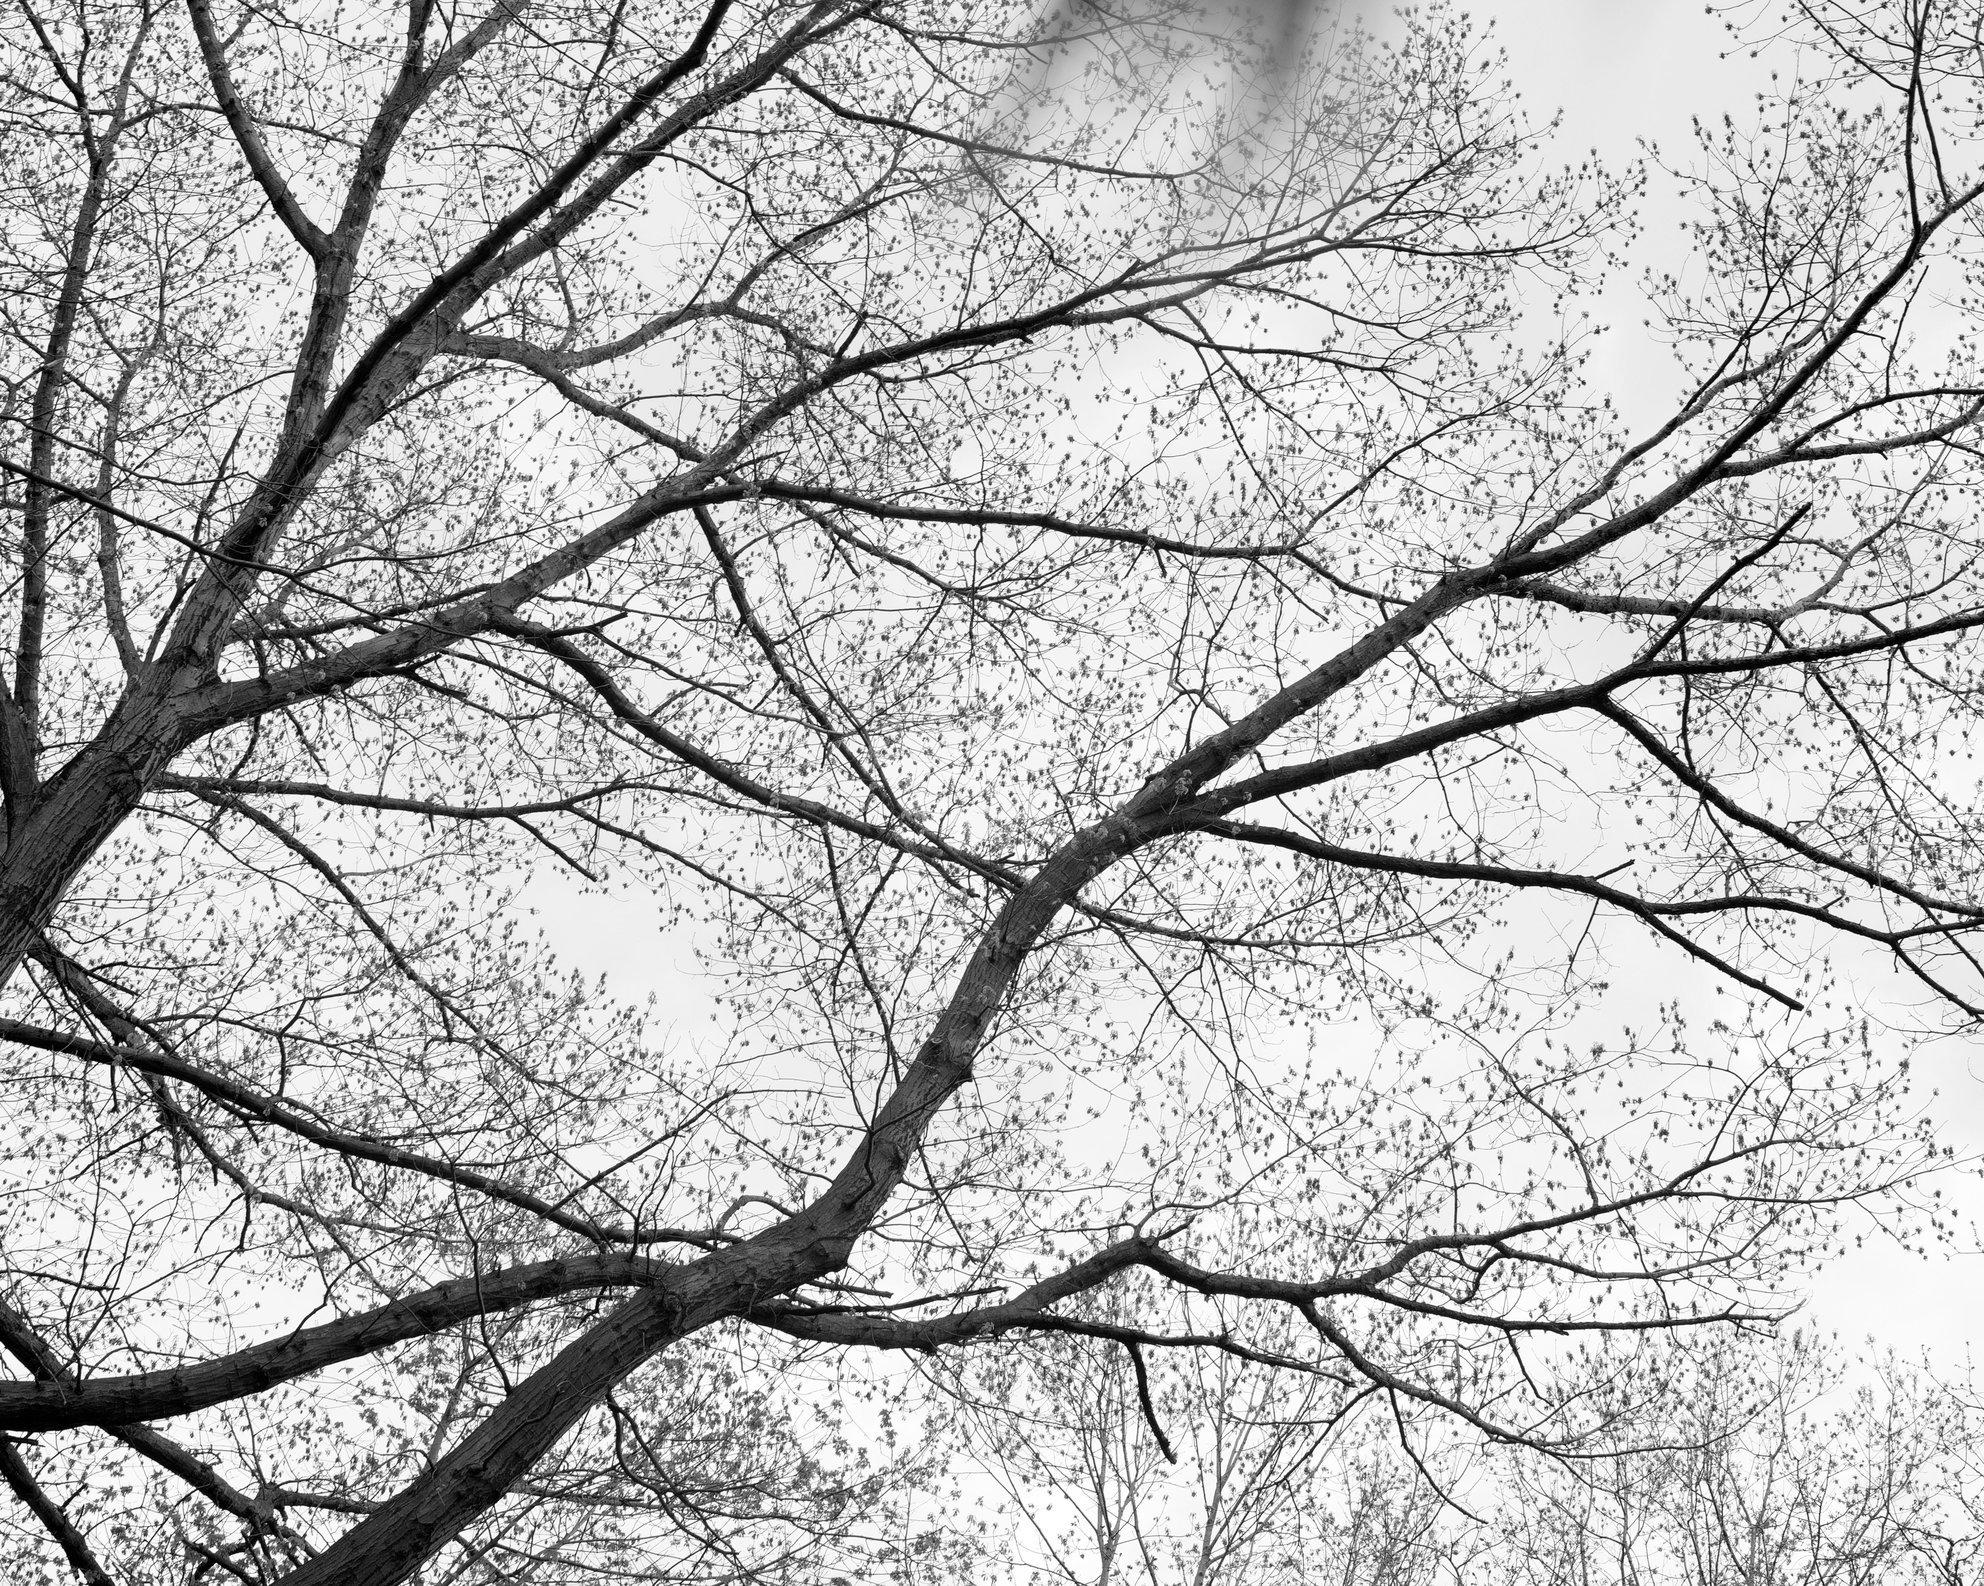 treesblurBW.jpg